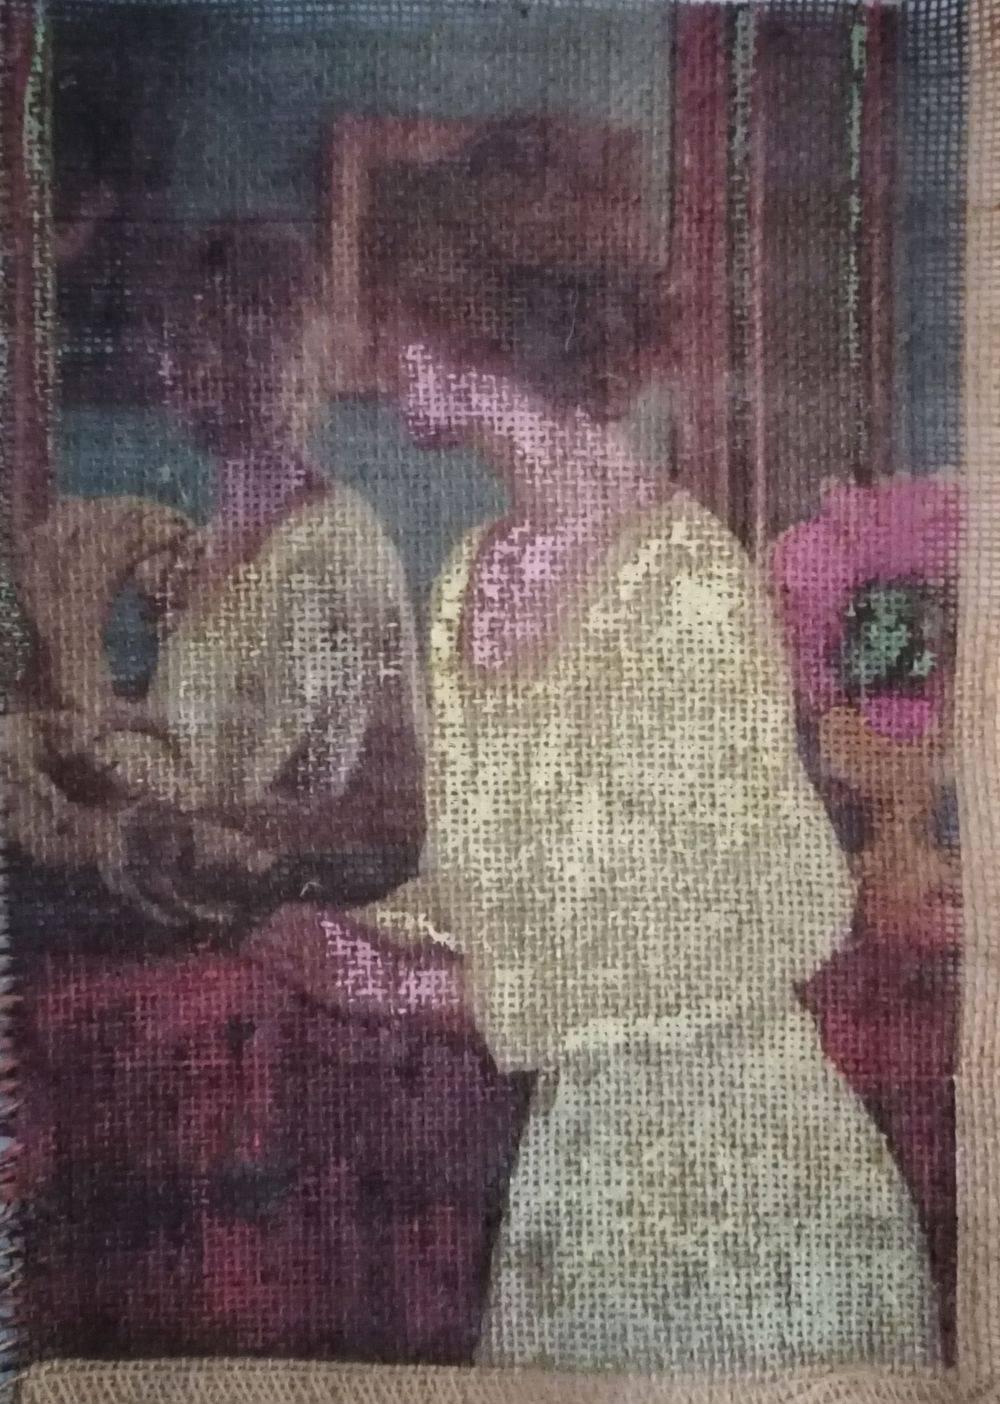 Aquarelle, Toile de jute, Femme, Portrait, Histoire de l'art